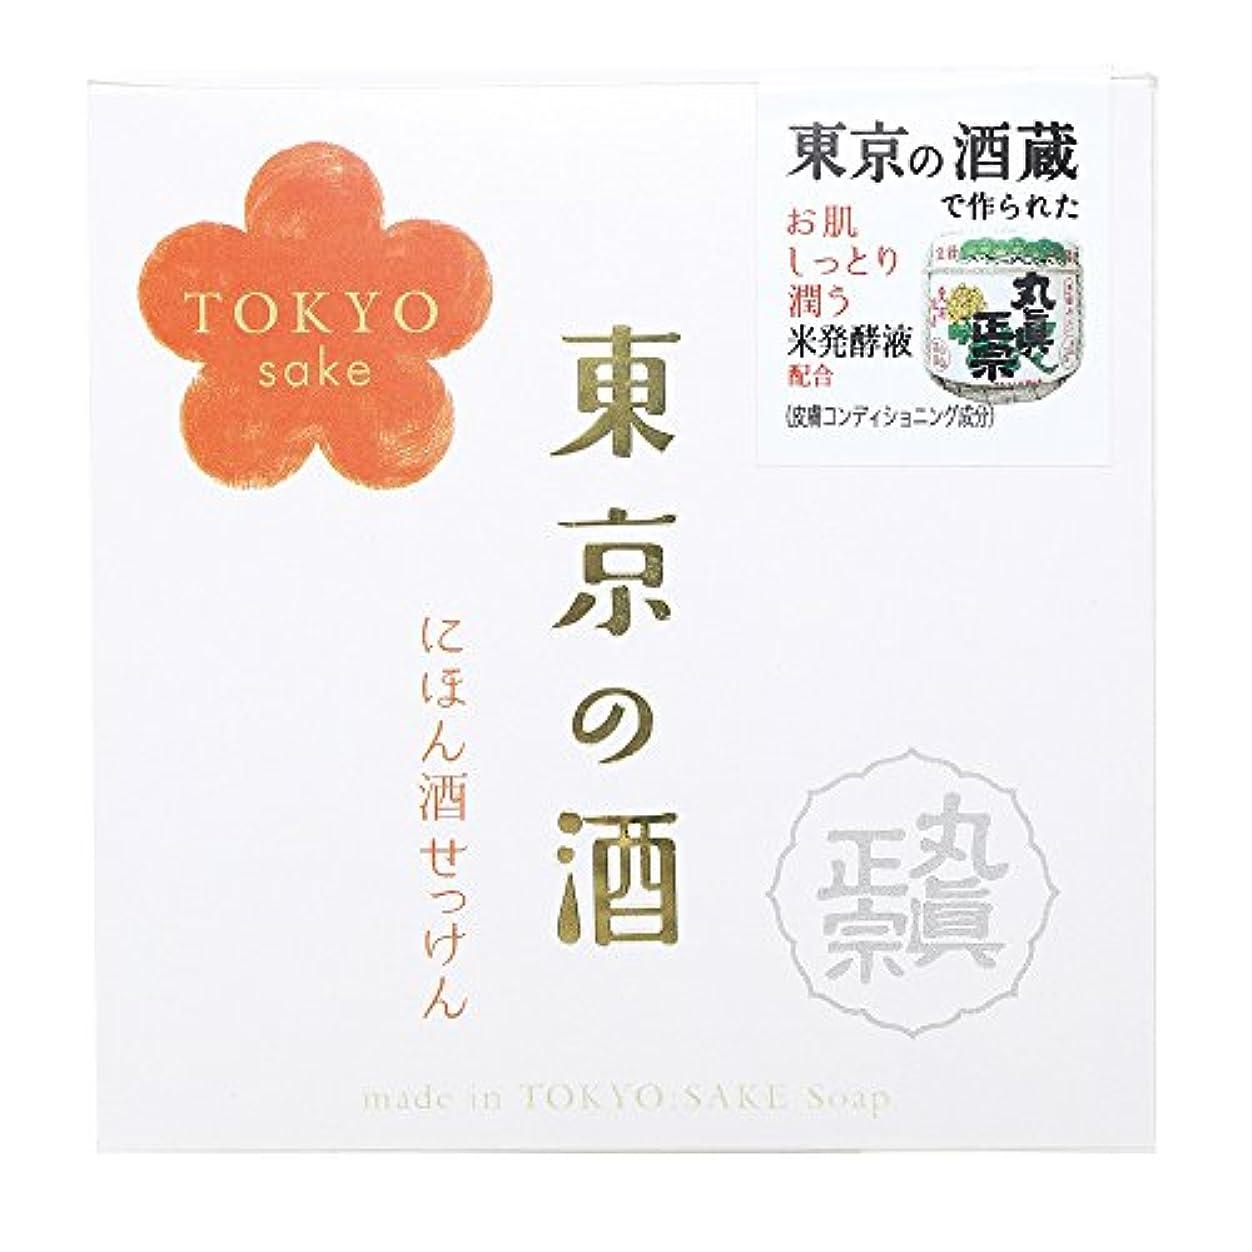 ほこりコンセンサス想起ノルコーポレーション 東京の酒 石けん OB-TKY-1-1 100g